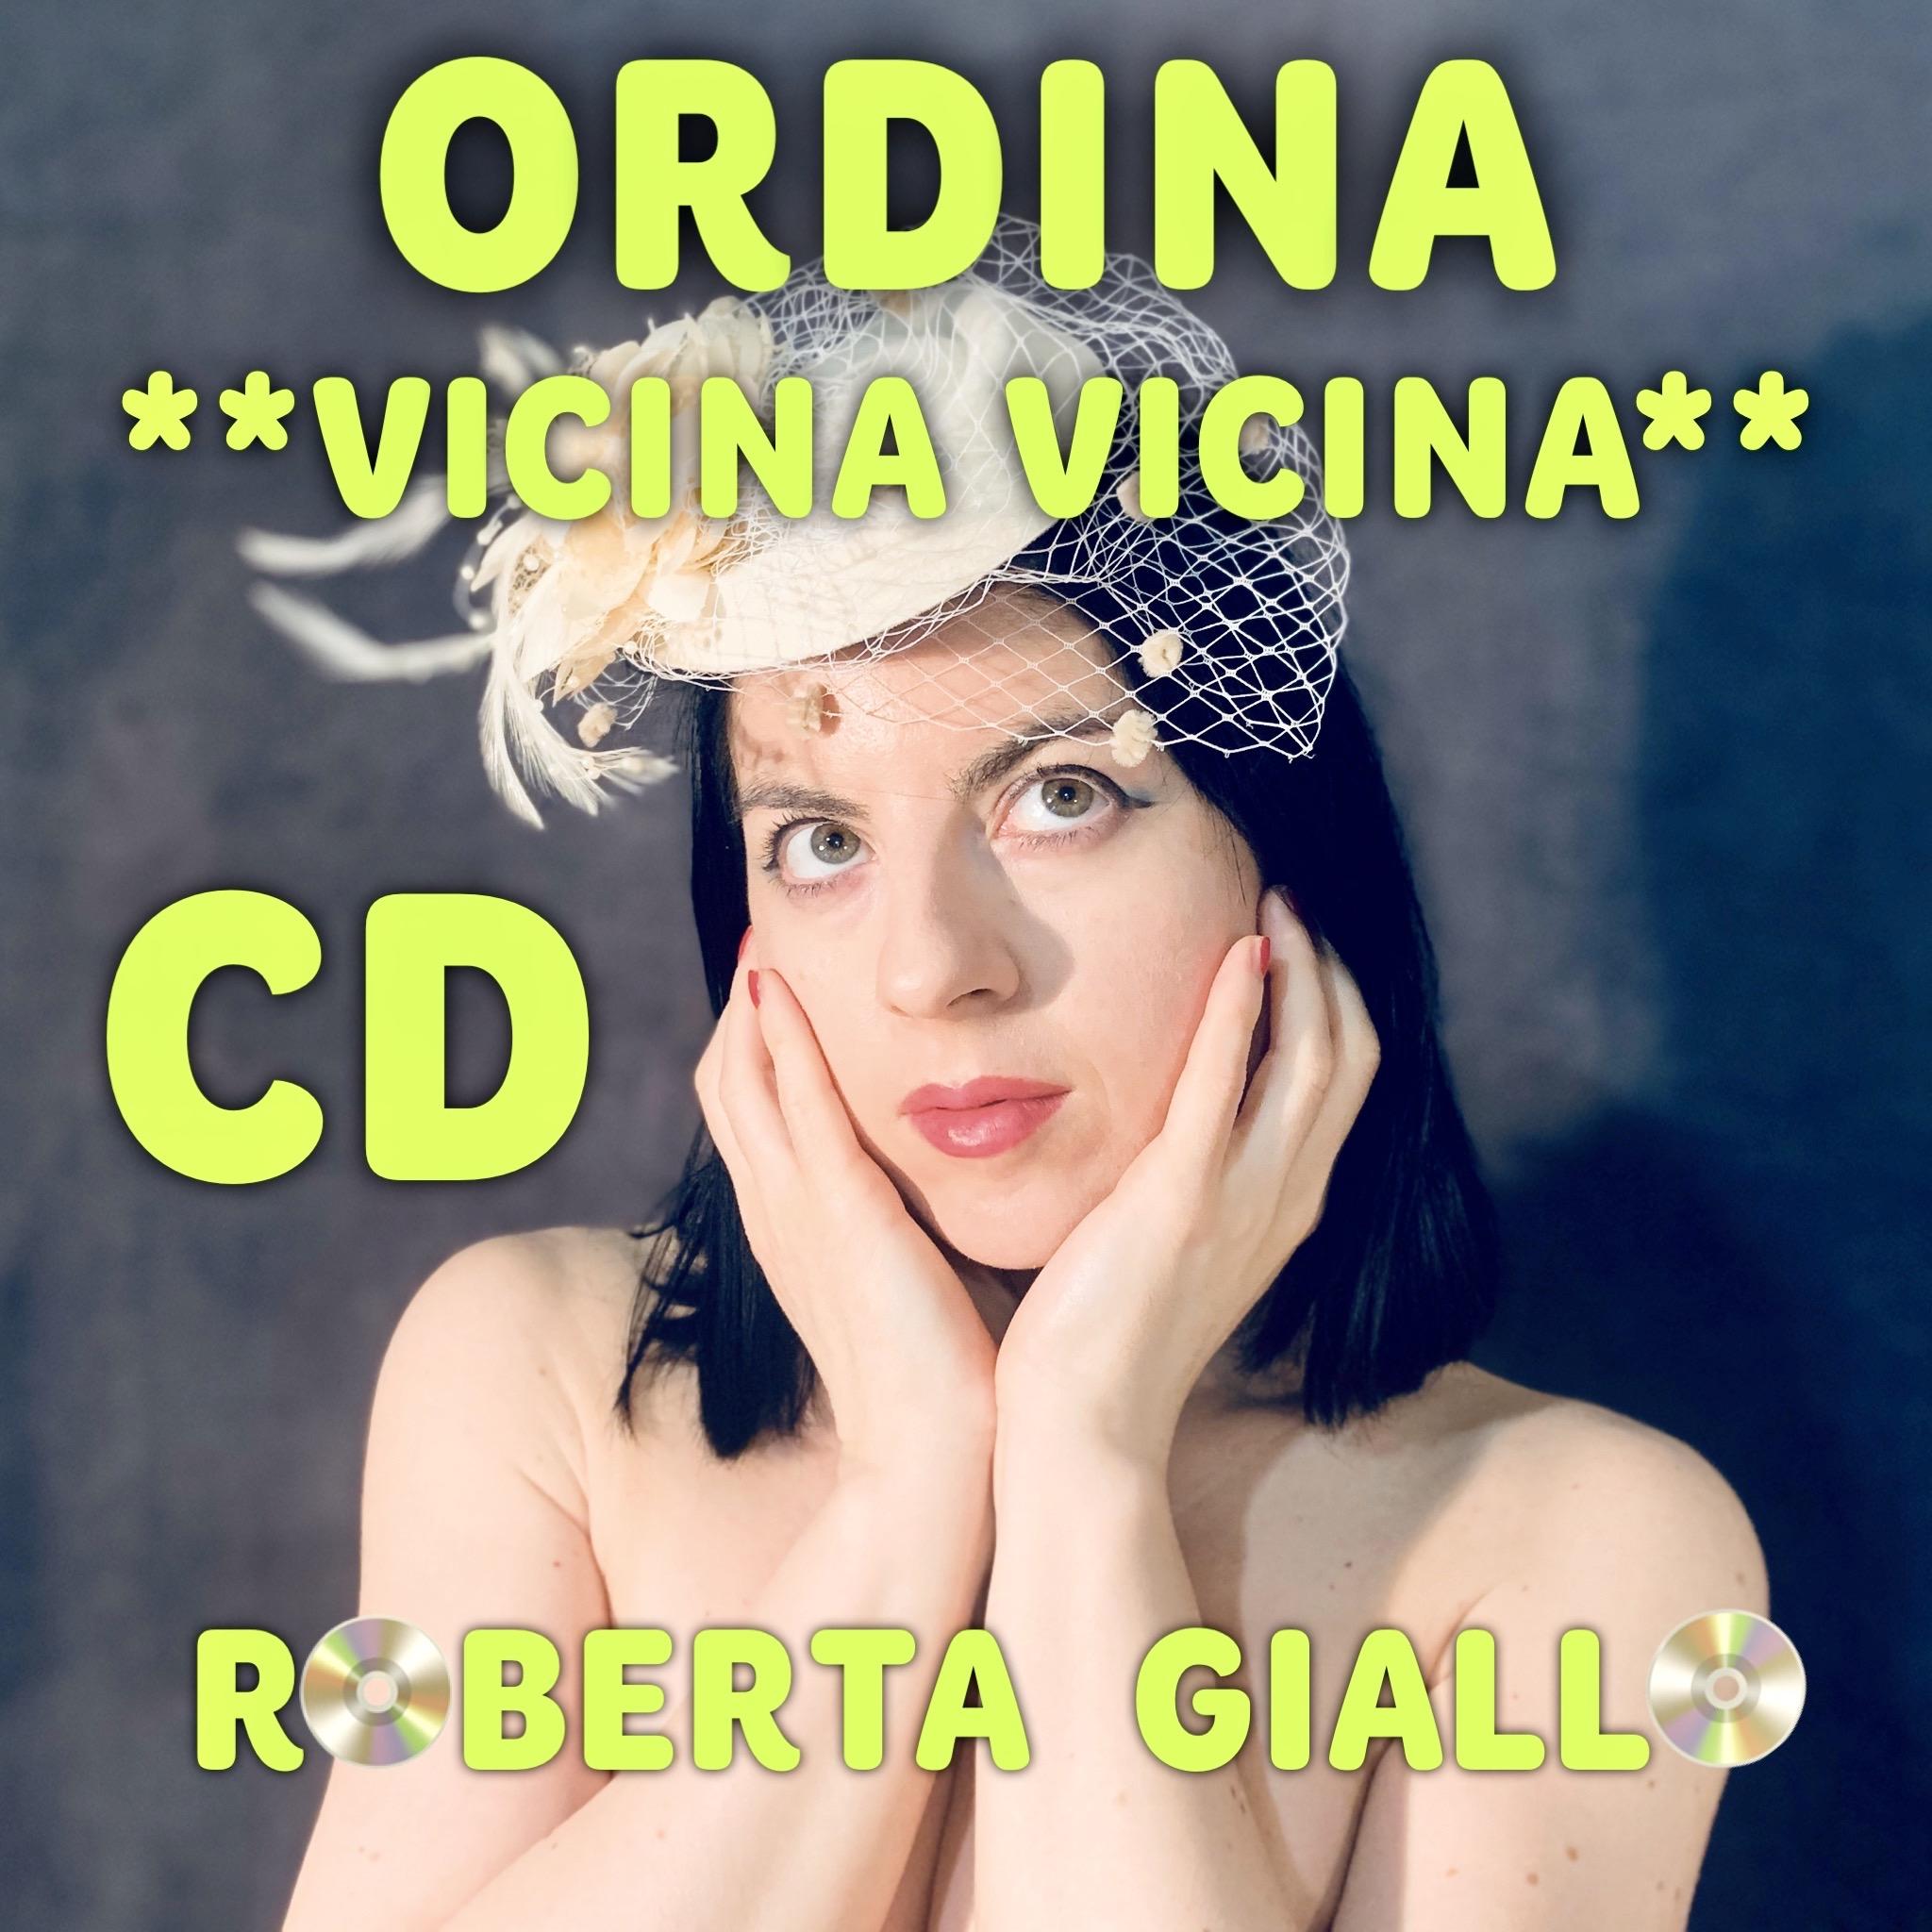 VICINA VICINA - CD ROBERTA GIALLO